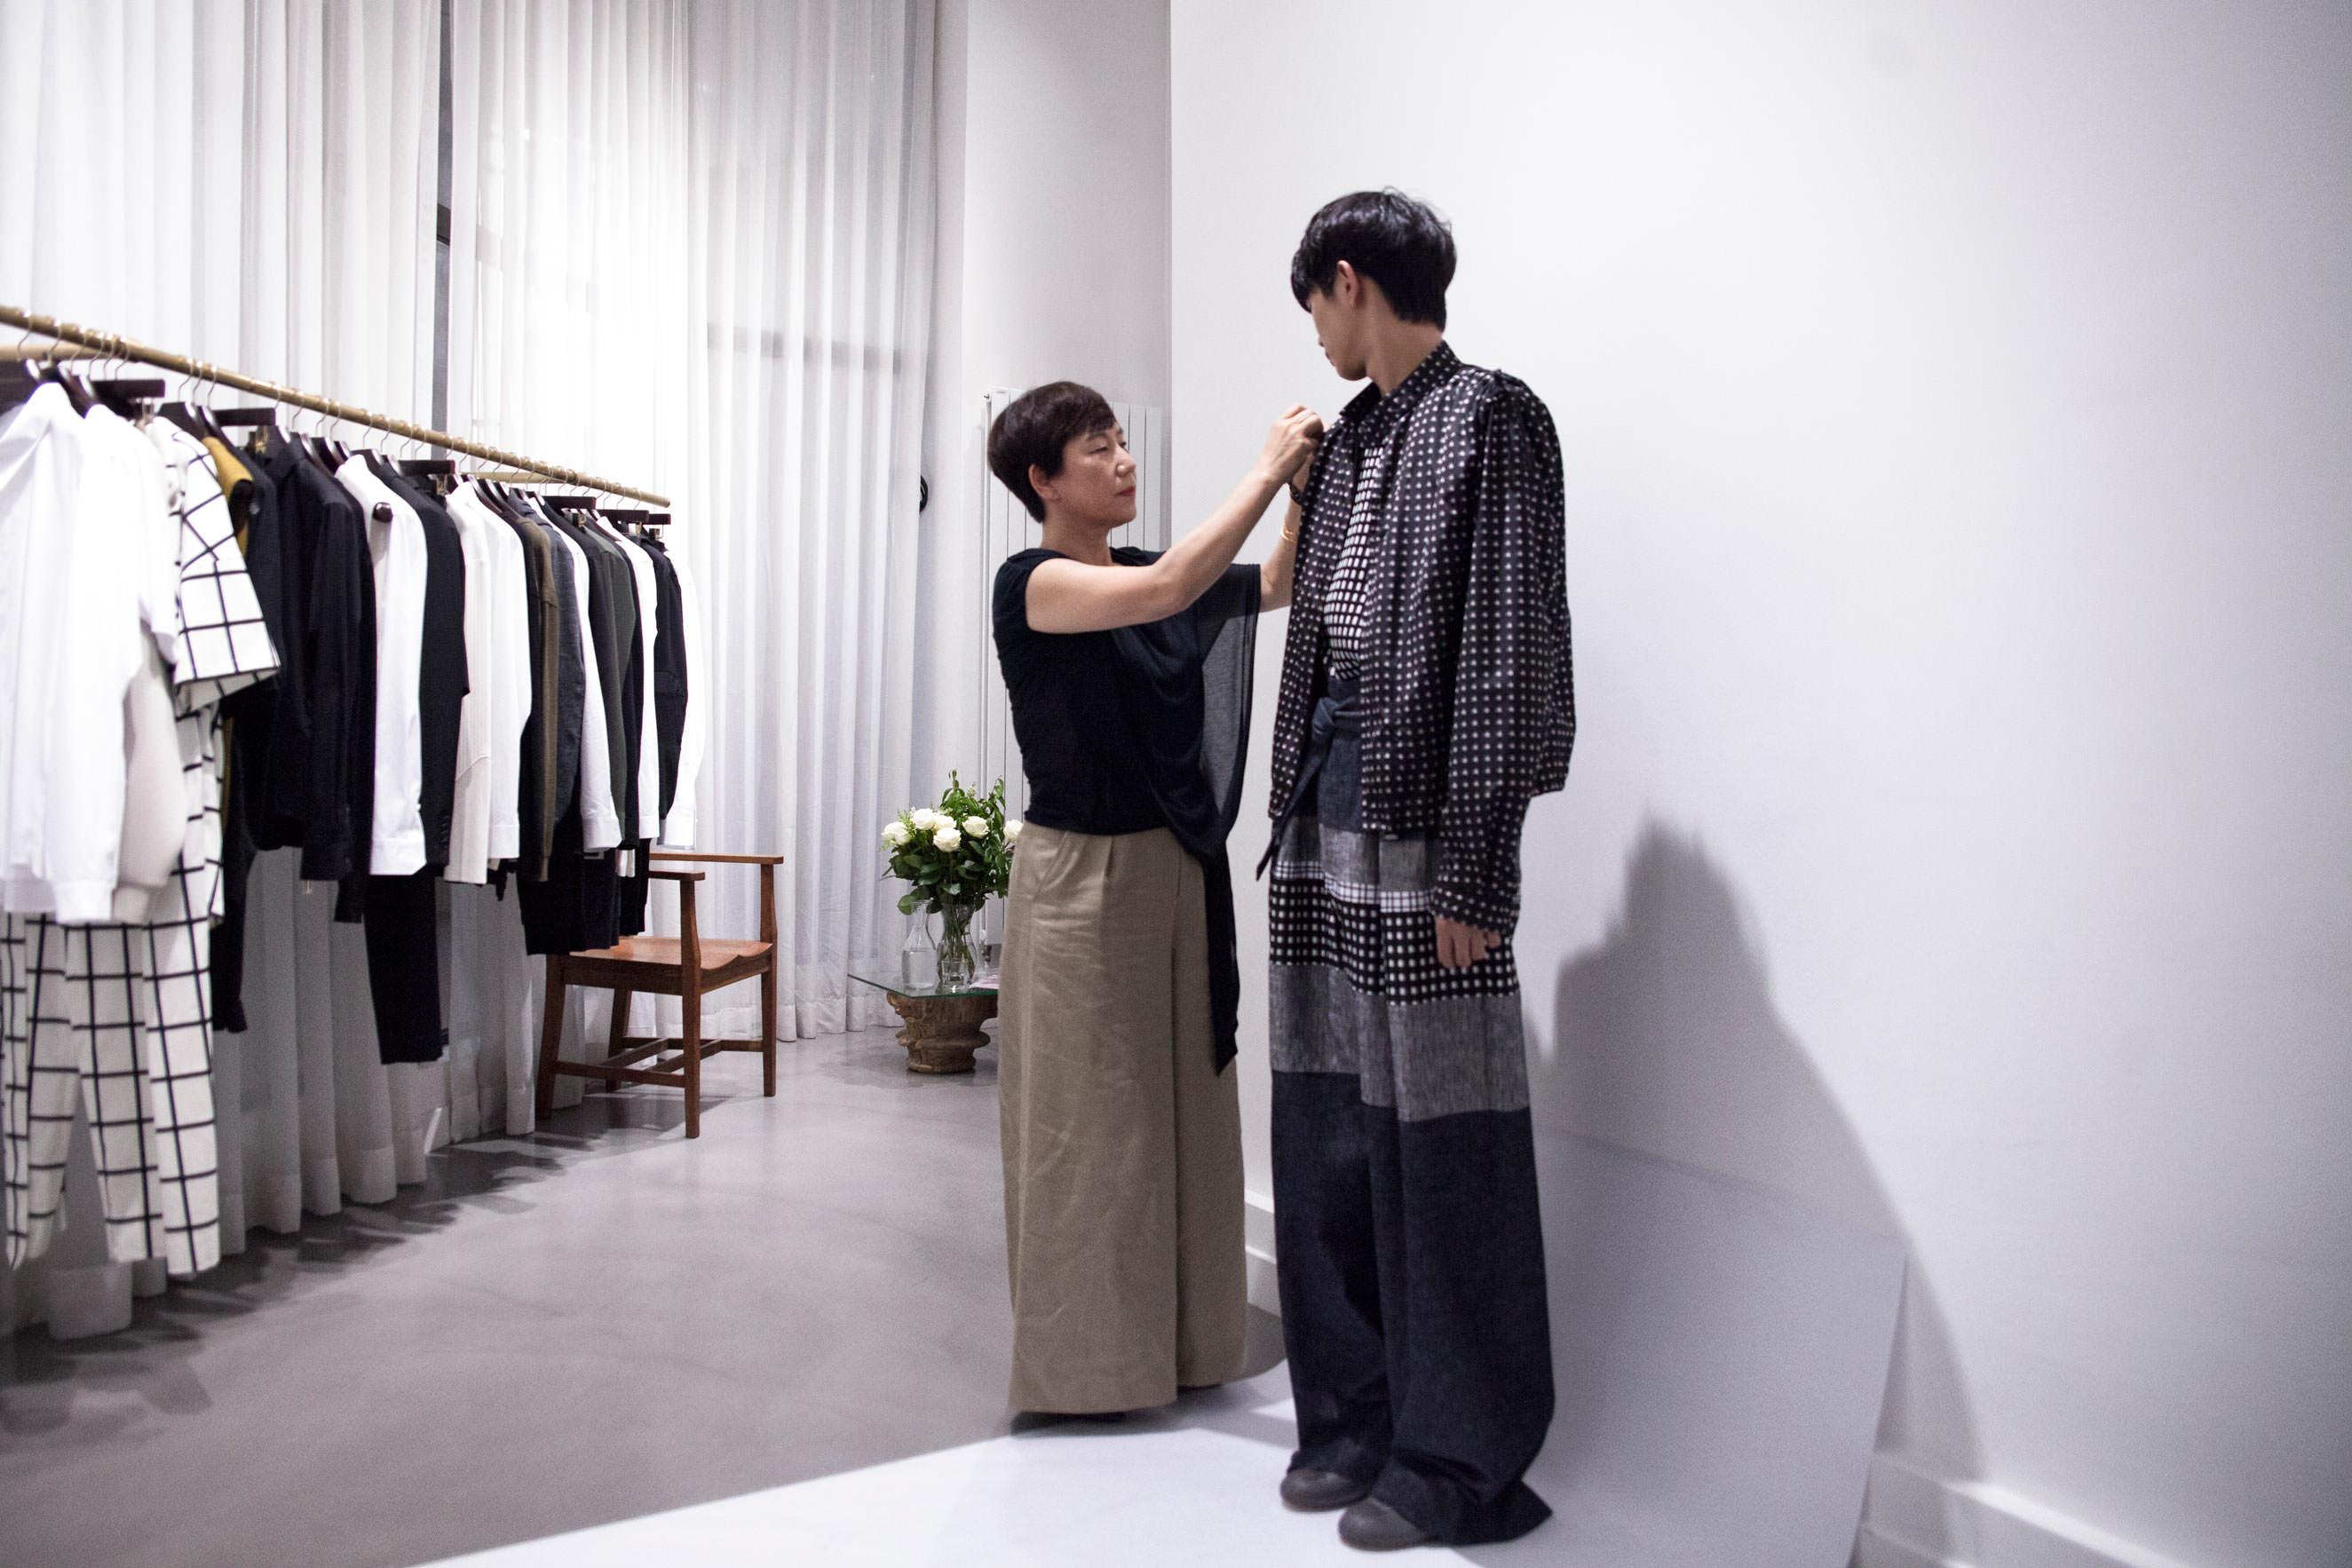 """Mme Woo dans son showroom du Maraisquelques jours avant le défilé Wooyoungmi printemps-été 2017. Photo : Mehdi Mendas   Née en Corée en 1959, Mme Woo entame des études de mode à l'université de Séoul en 1978. Elle gagne dès 1983 le prix de la mode international d'Osaka. Après avoir créé sa première maque de prêt-à-porter masculine en 1988, elle devient l'un des membres phares de la plate-forme coréenne de jeunes créateurs """"New Wave"""" dans les années 90. En 2002, elle lance Wooyoungmi dont le défilé s'est imposé comme un incontournable de la Fashion Week parisienne. Rencontre à l'occasion du défilé printemps-été 2017 fin juin à Paris.   Numéro : Pourquoi vous inspirer de l'artiste Sol LeWitt pour votre collection printemps-été 2017 ? Mme Woo :Avant de penser aux thèmes de la collection, je réfléchis toujours à un type d'hommes en particulier. Un homme idéal: élégant et sensible à l'art. Je suis par ailleurs fascinée par les wall drawings [dessins monumentaux sur mur]de Sol LeWitt, à la fois très masculins par leuraspectgraphique, et minimalistes et doux dans leur forme. Il m'est apparu comme une évidence que l'on pouvait réunir cet homme élégant et ces œuvres délicates. Quand vous regardez de près certains de ces dessins, vous découvrez des lignes qui se joignent et qui se détachent, se réfractent et se répètent avec une précision mathématique, une très bellerégularité, comme un chaos ordonné. J'ai cherché à réinterpréter les motifs et ce qu'ils inspirent aveccette nouvelle collection."""